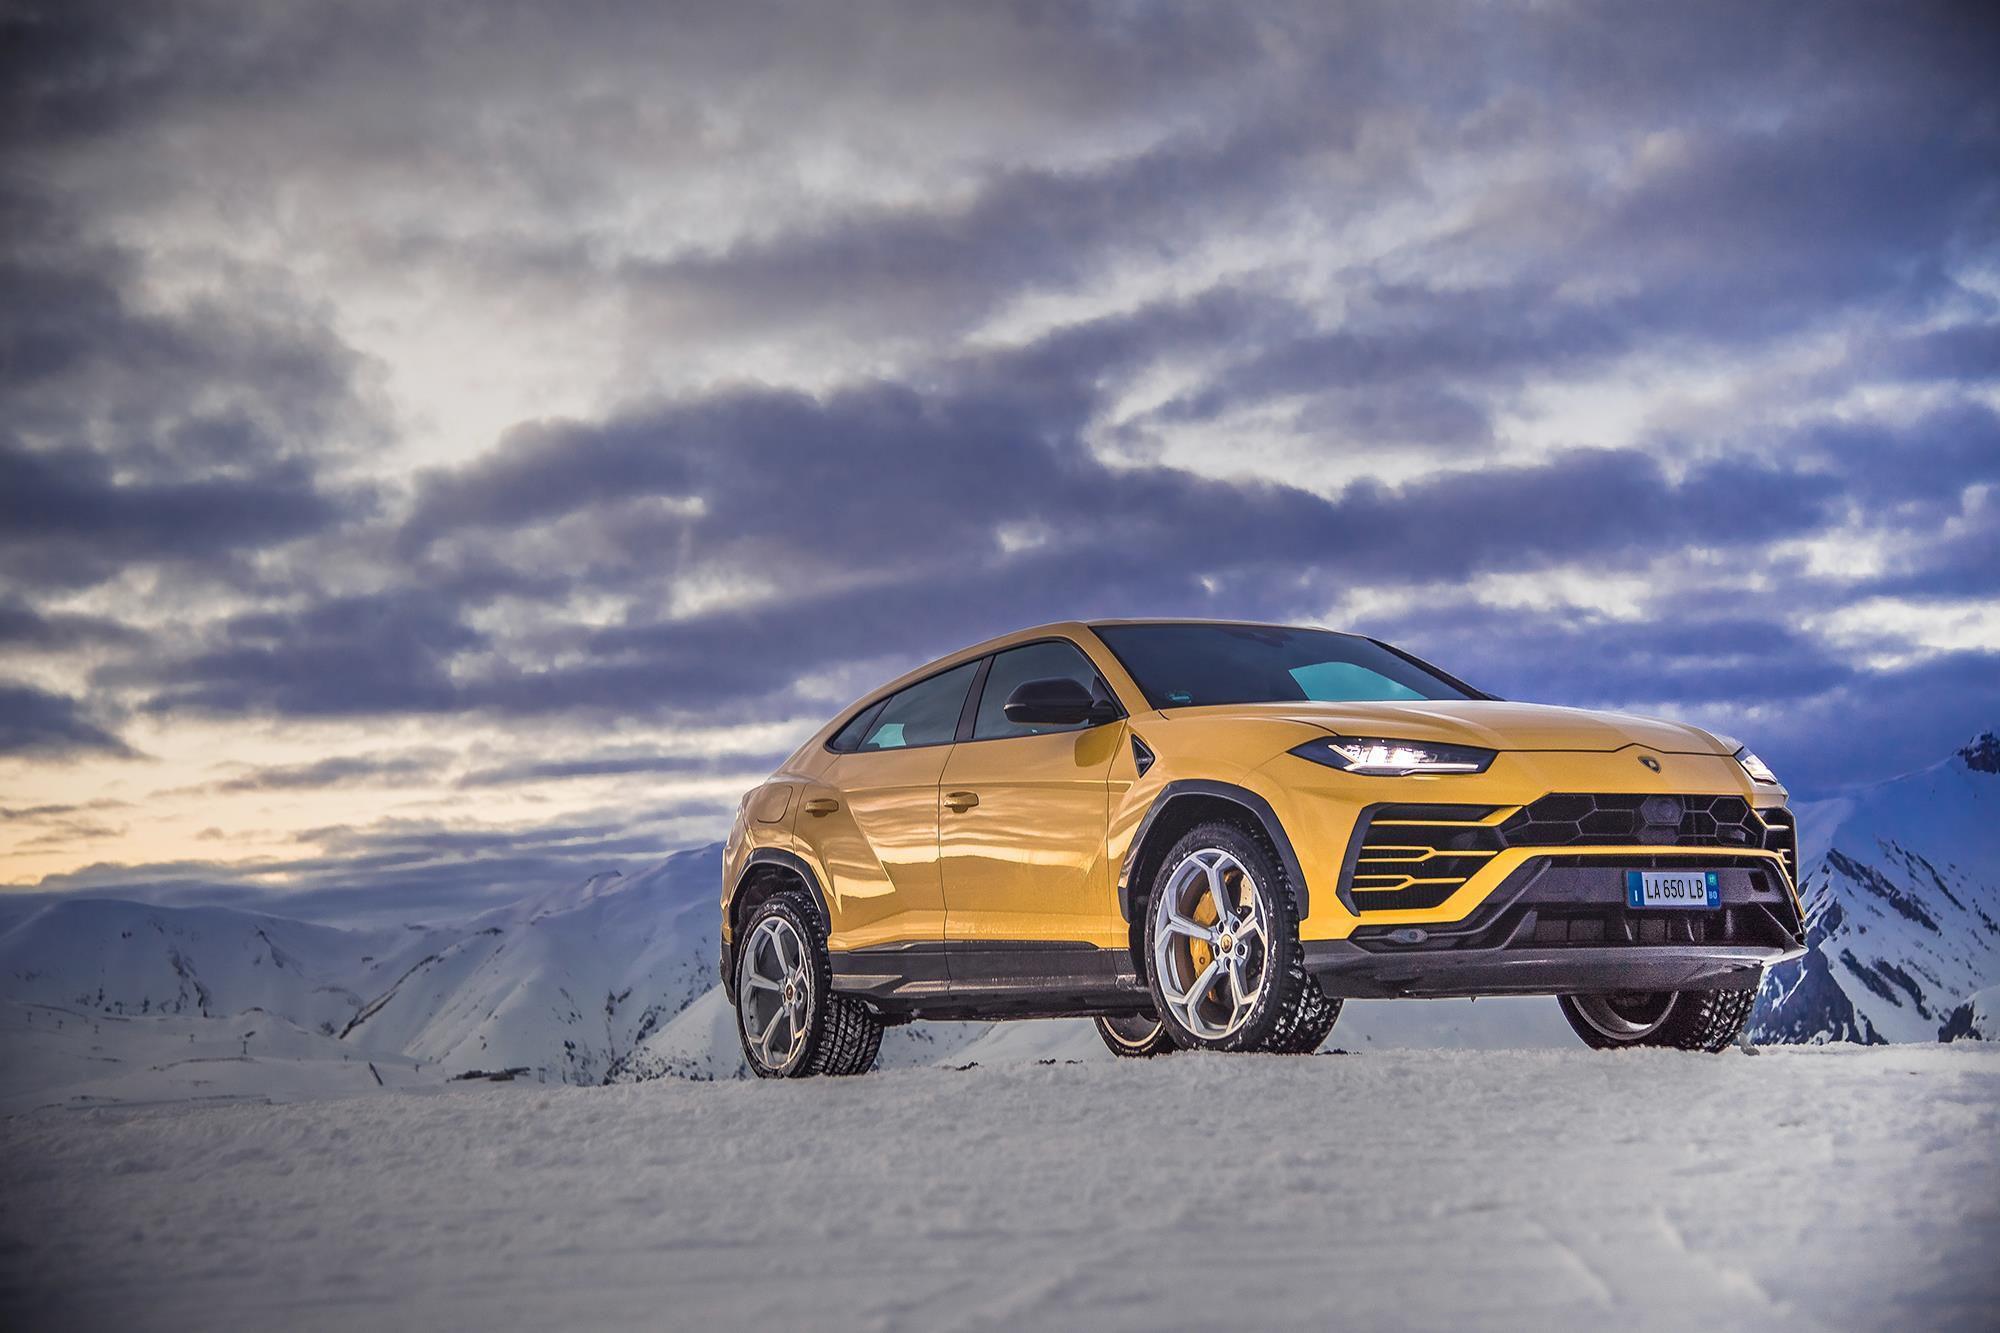 Siêu SUV Urus trở thành con gà đẻ trứng vàng cho Lamborghini - 1